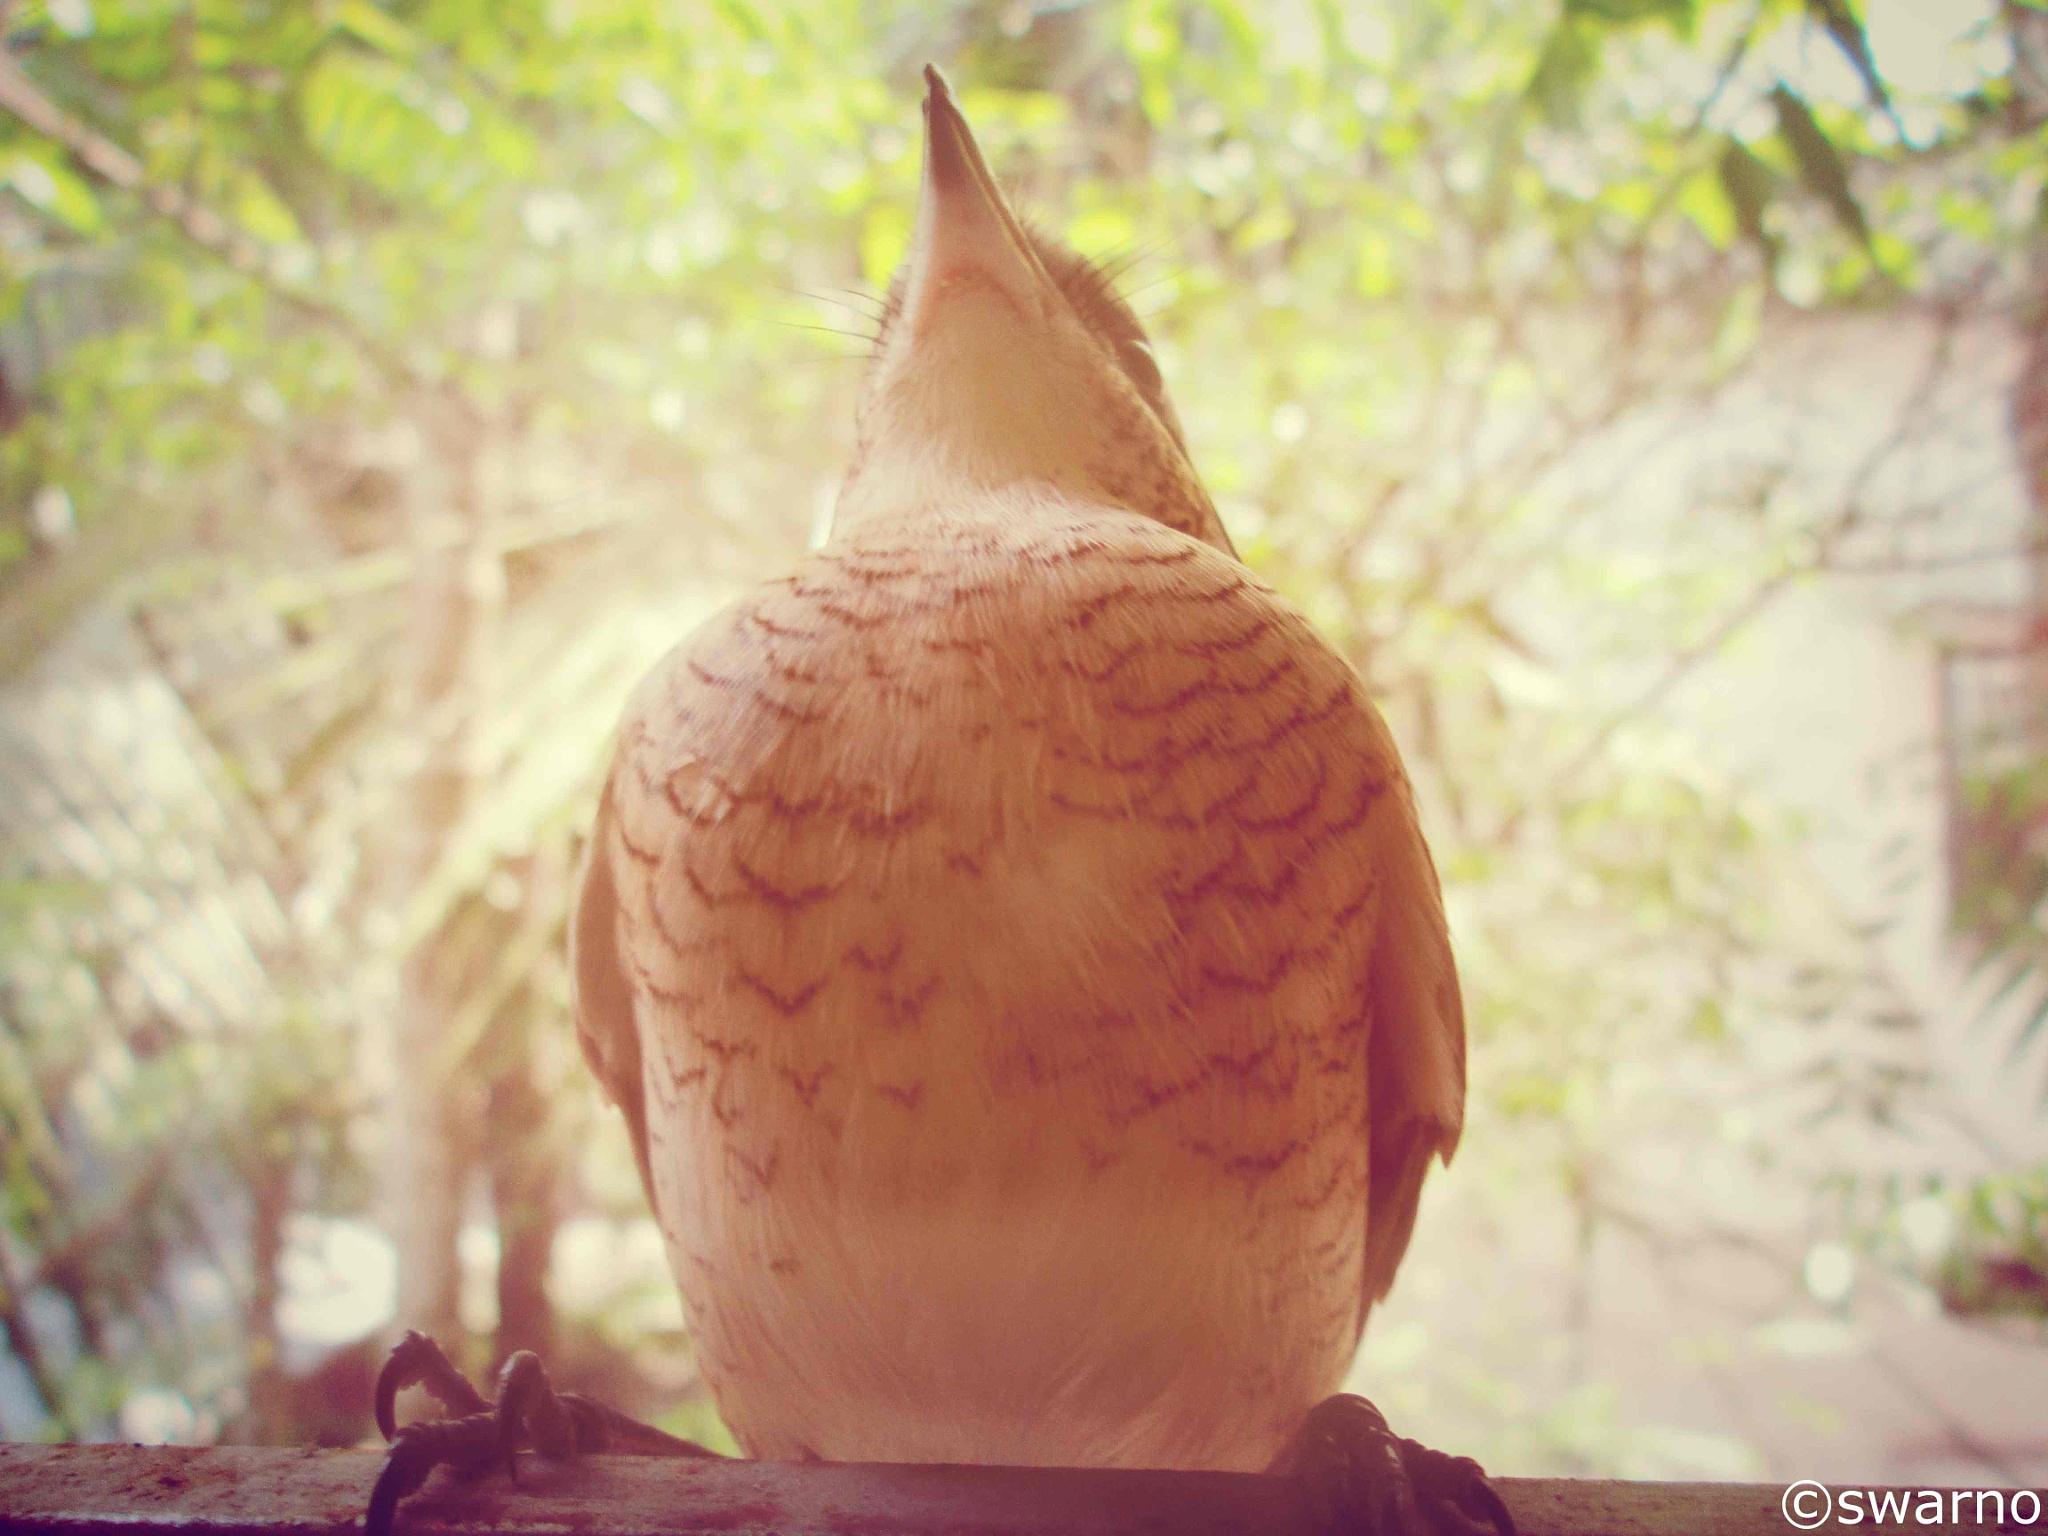 bird by swarnendu chatterjee